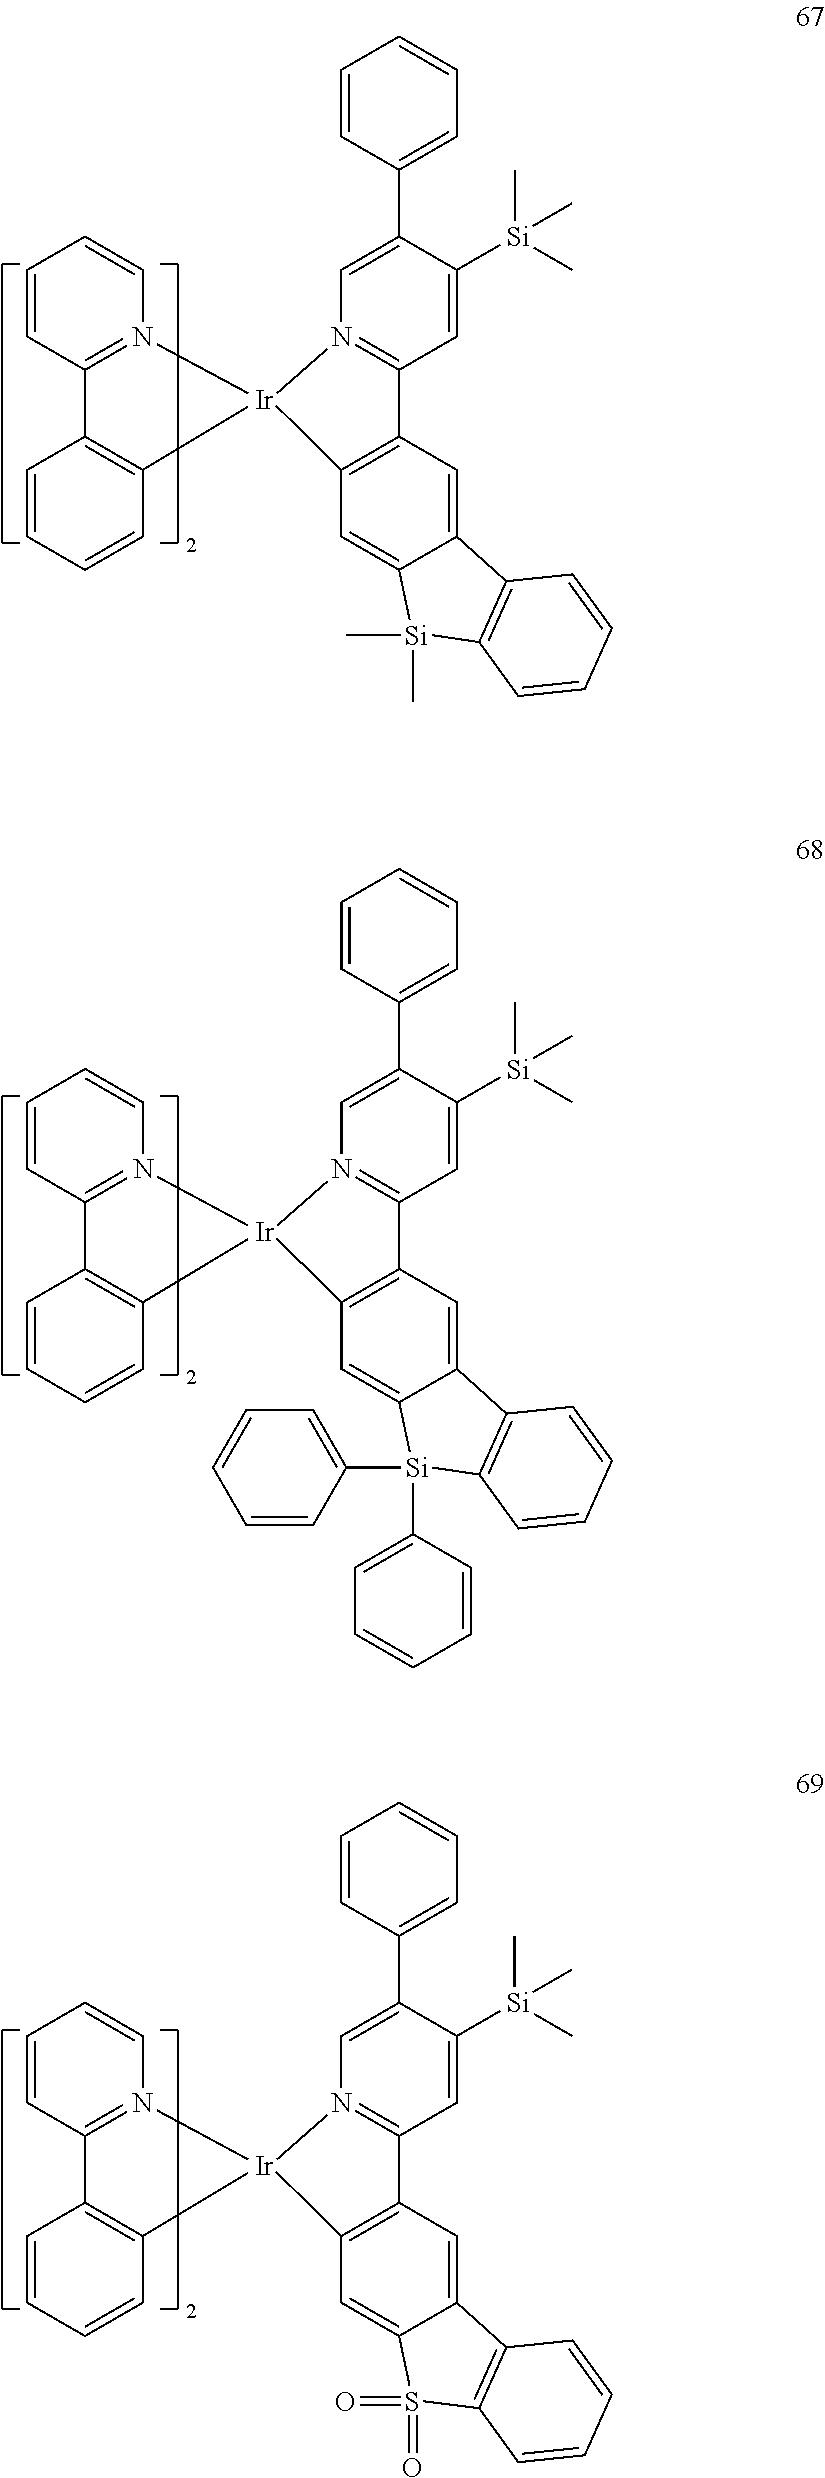 Figure US20160155962A1-20160602-C00078